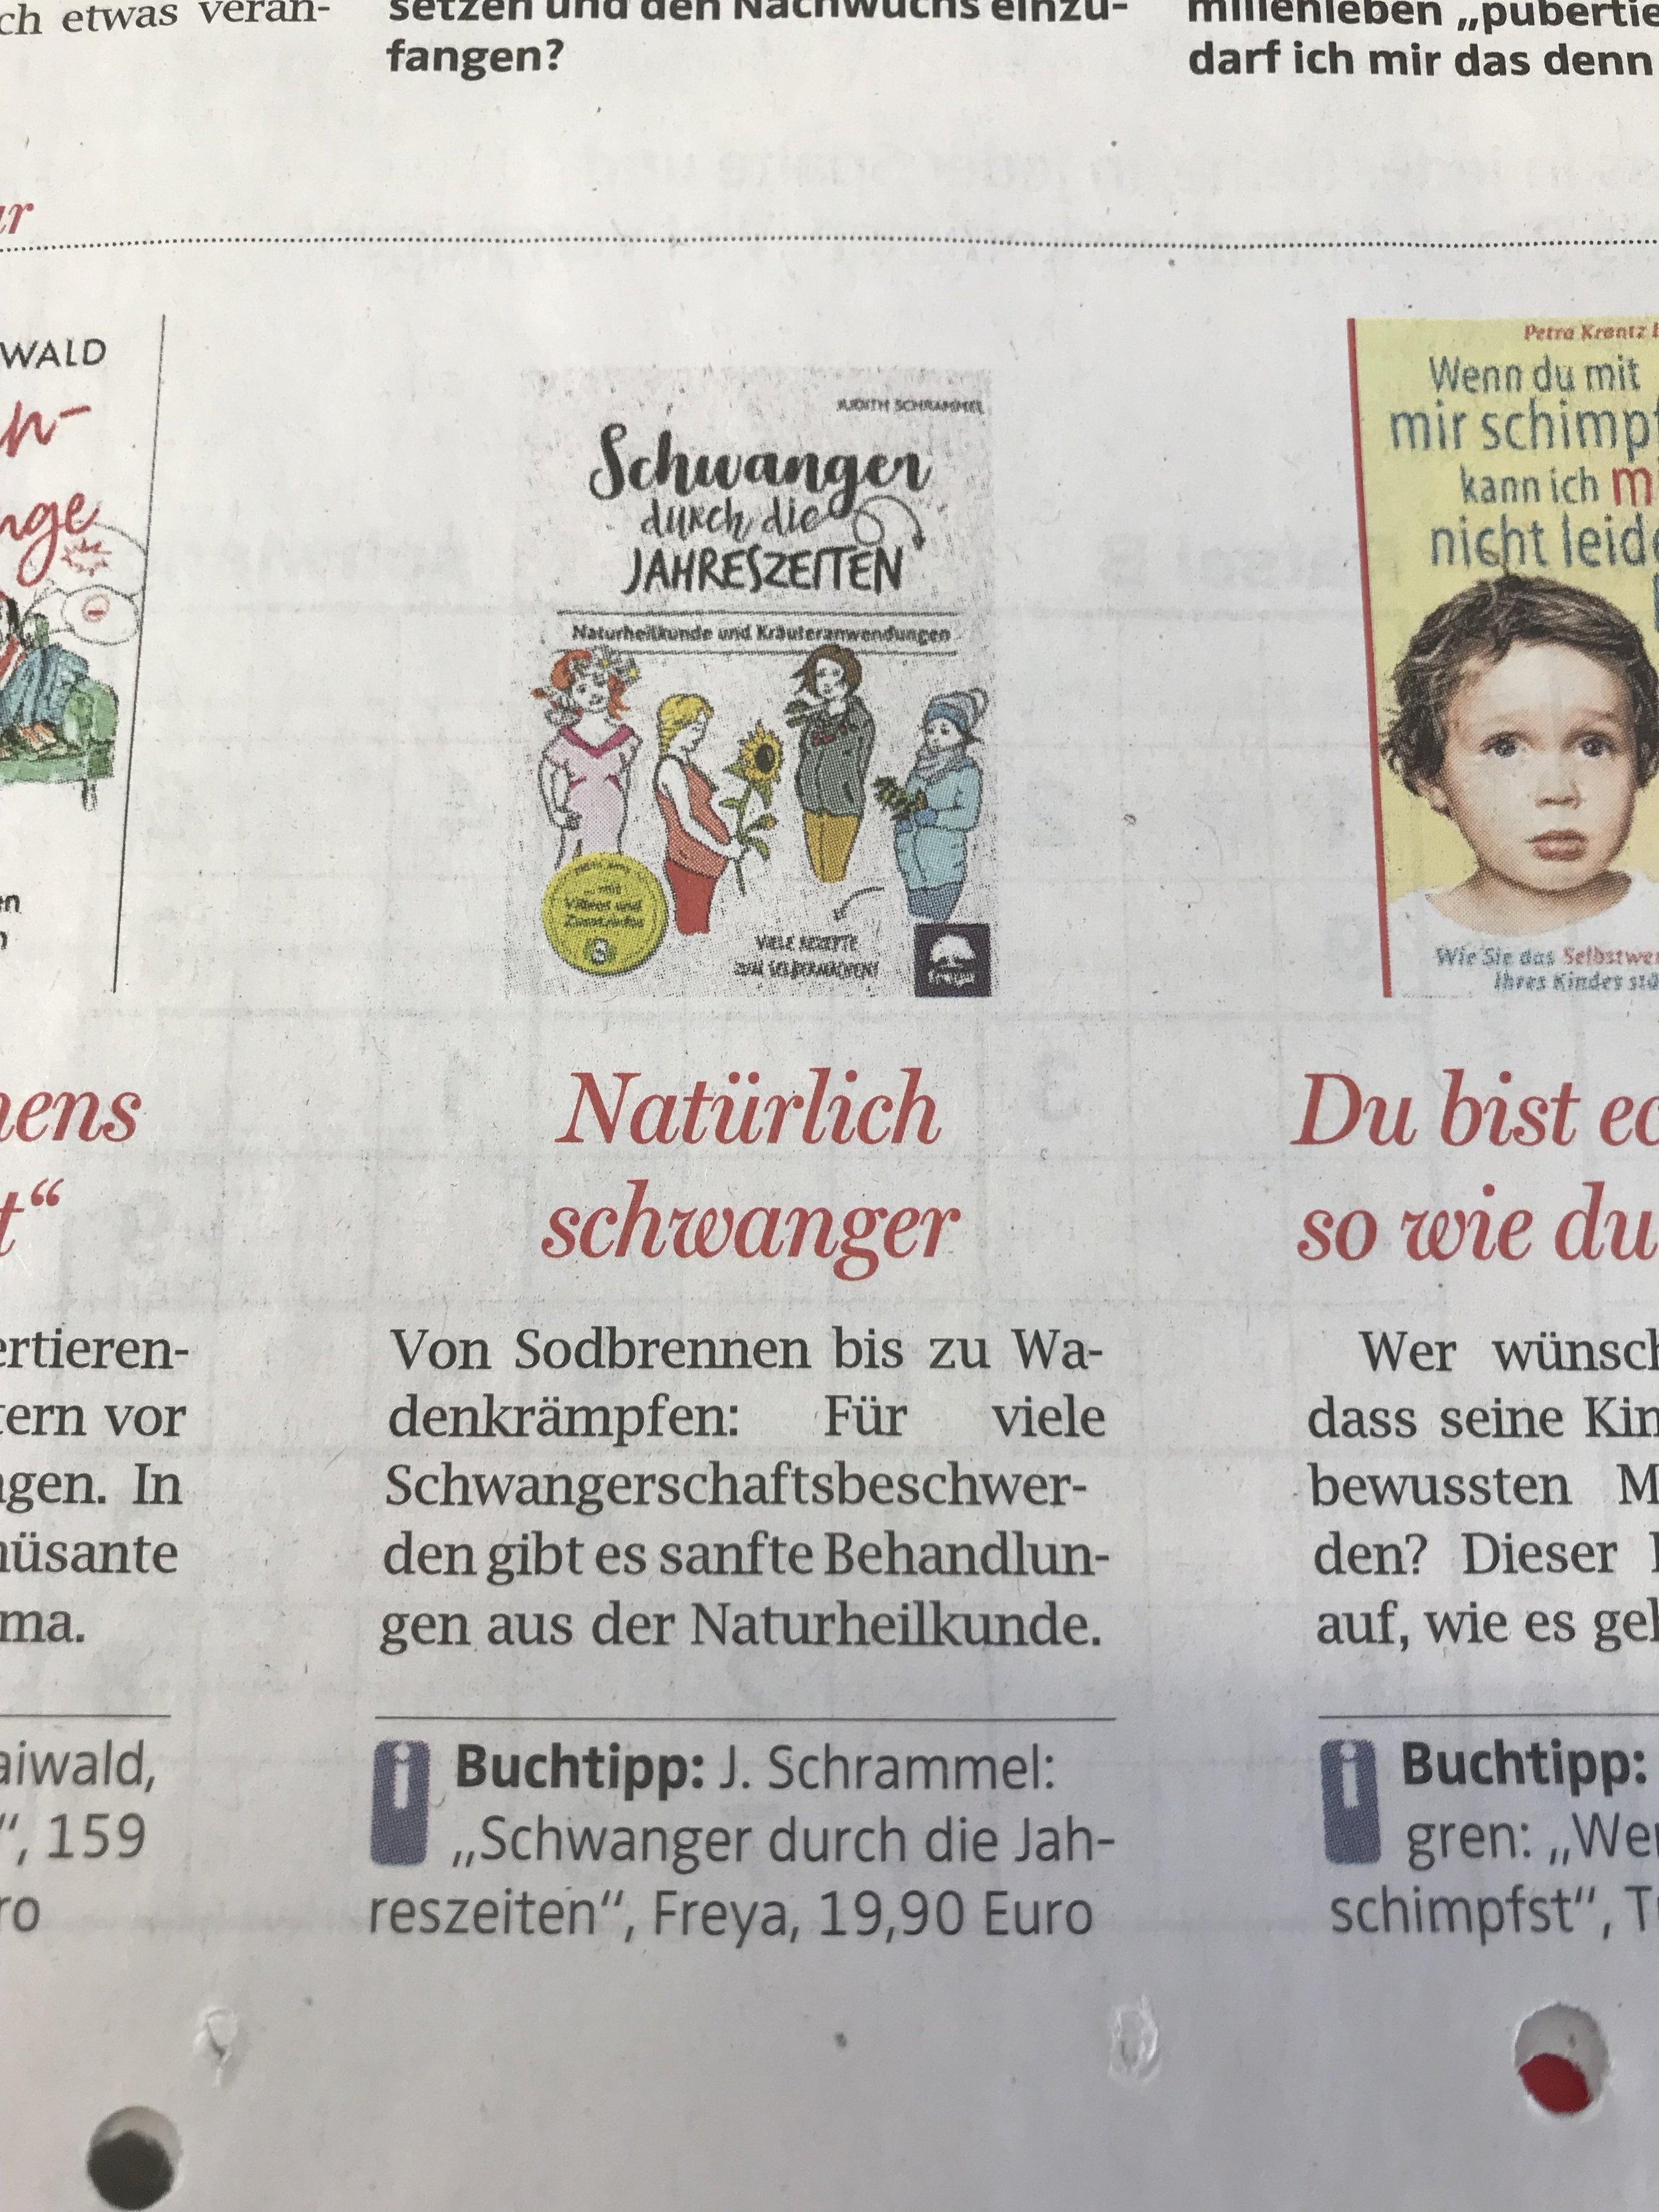 OÖ Nachrichten, April 2019